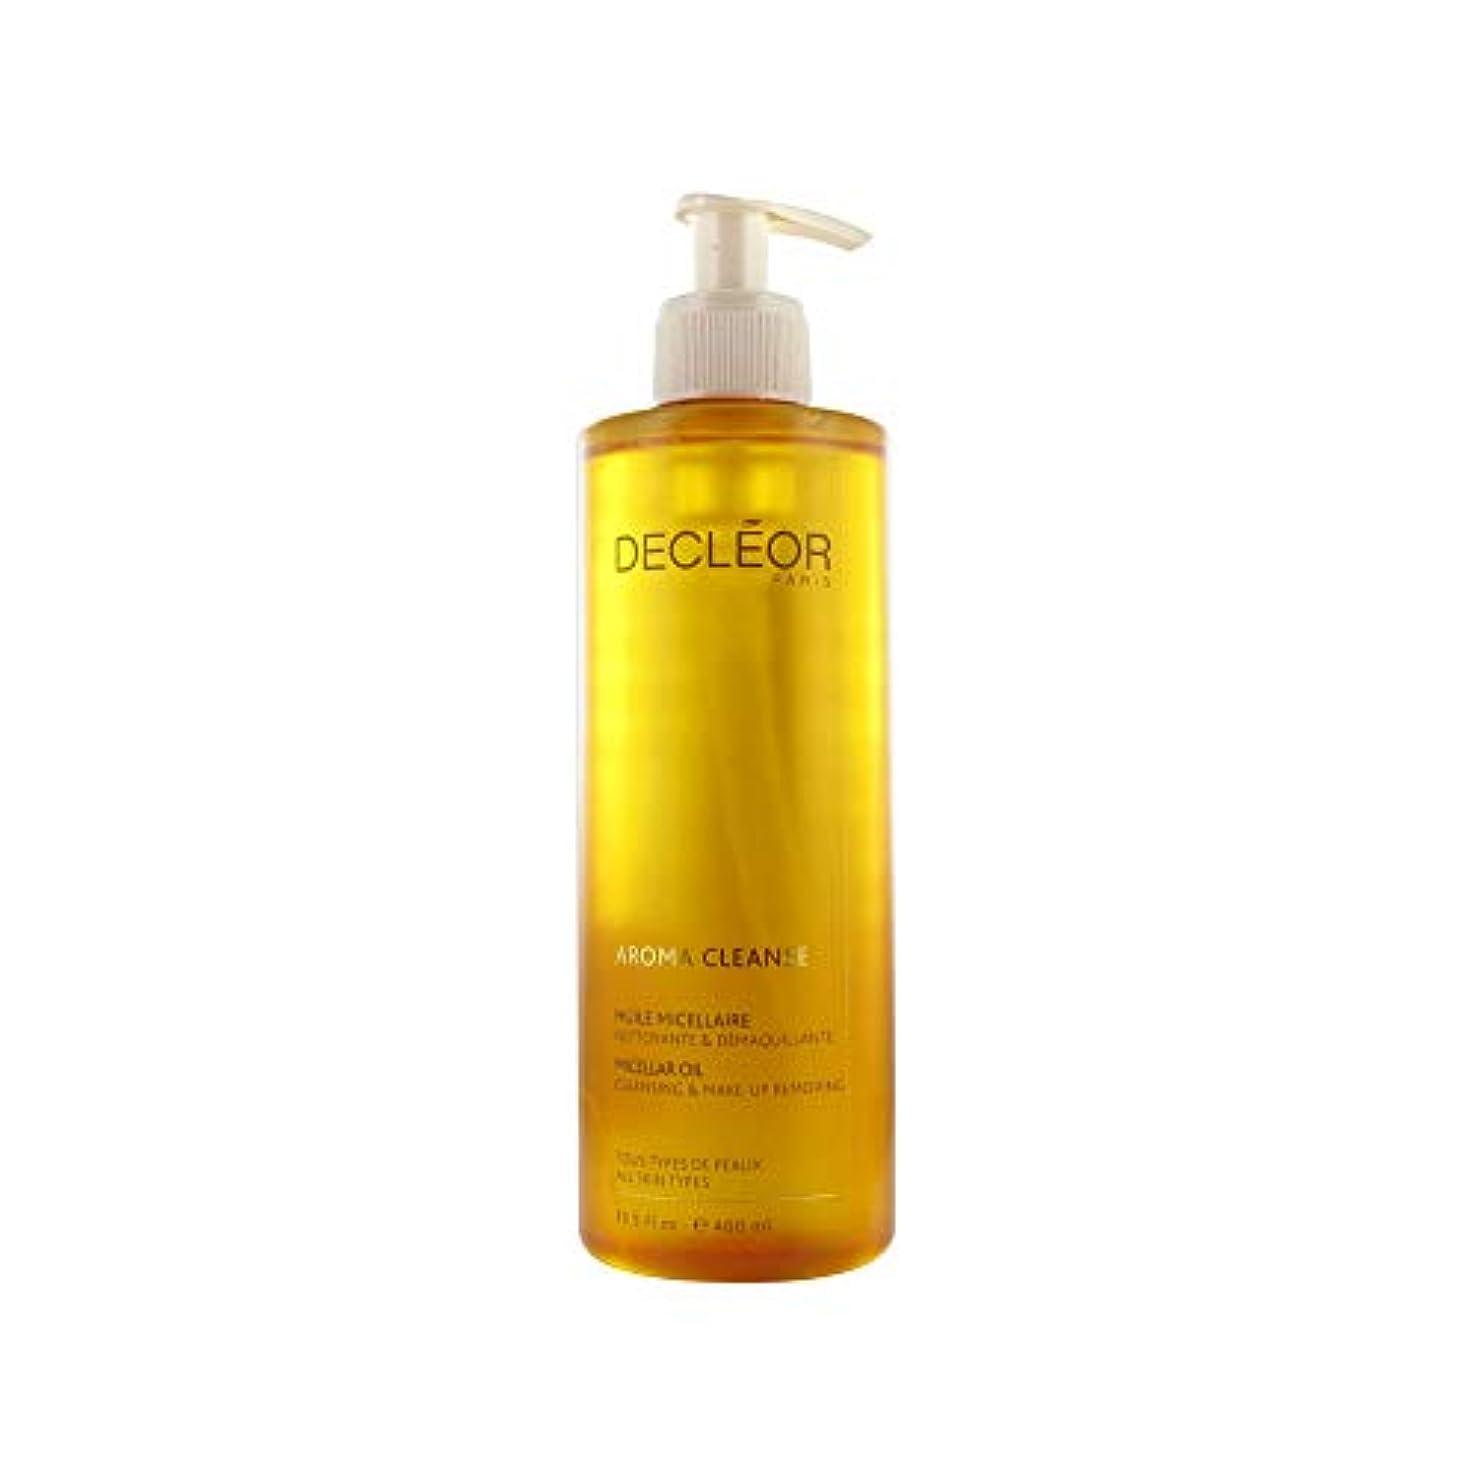 熱心な思春期の伴うデクレオール Aroma Cleanse Micellar Oil (Salon Size) 400ml/13.5oz並行輸入品